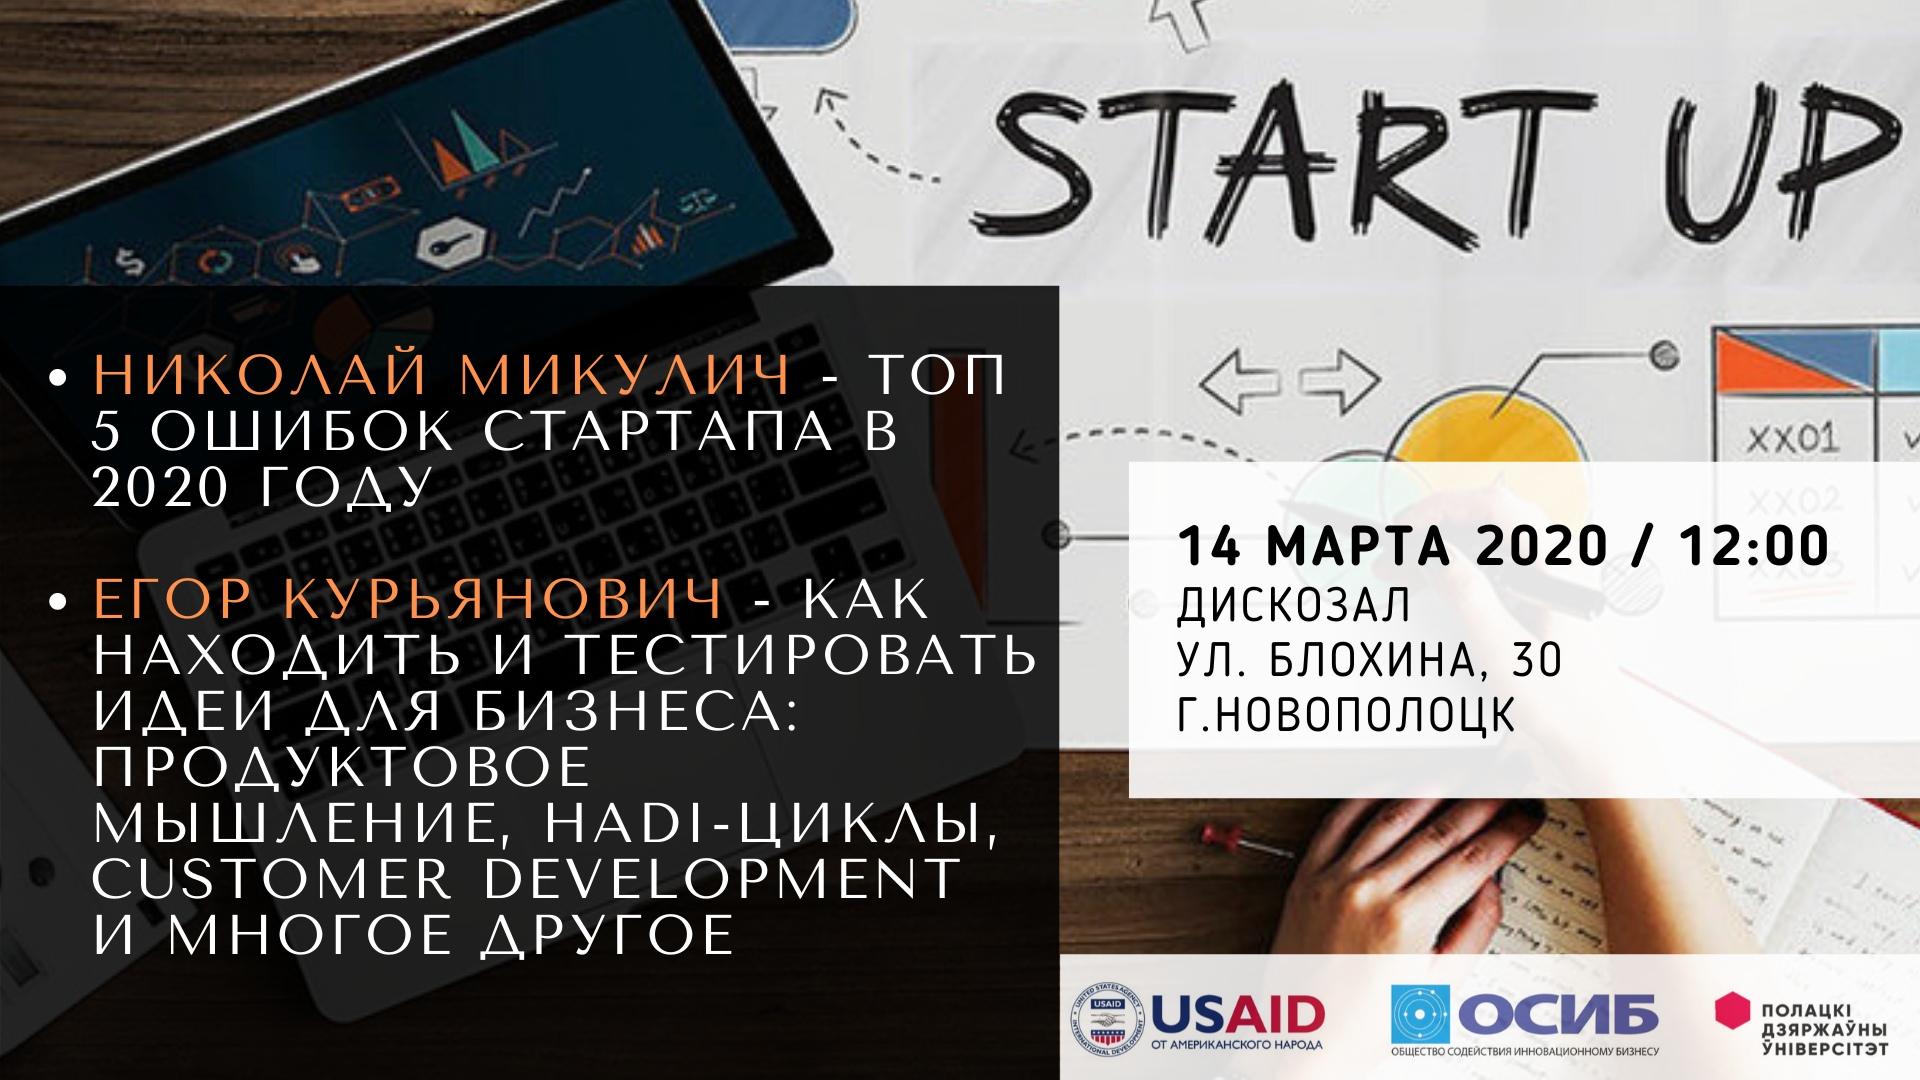 14 МАРТА в дискозале ПГУ состоится МИТАП О СТАРТАПАХ 2 В 1